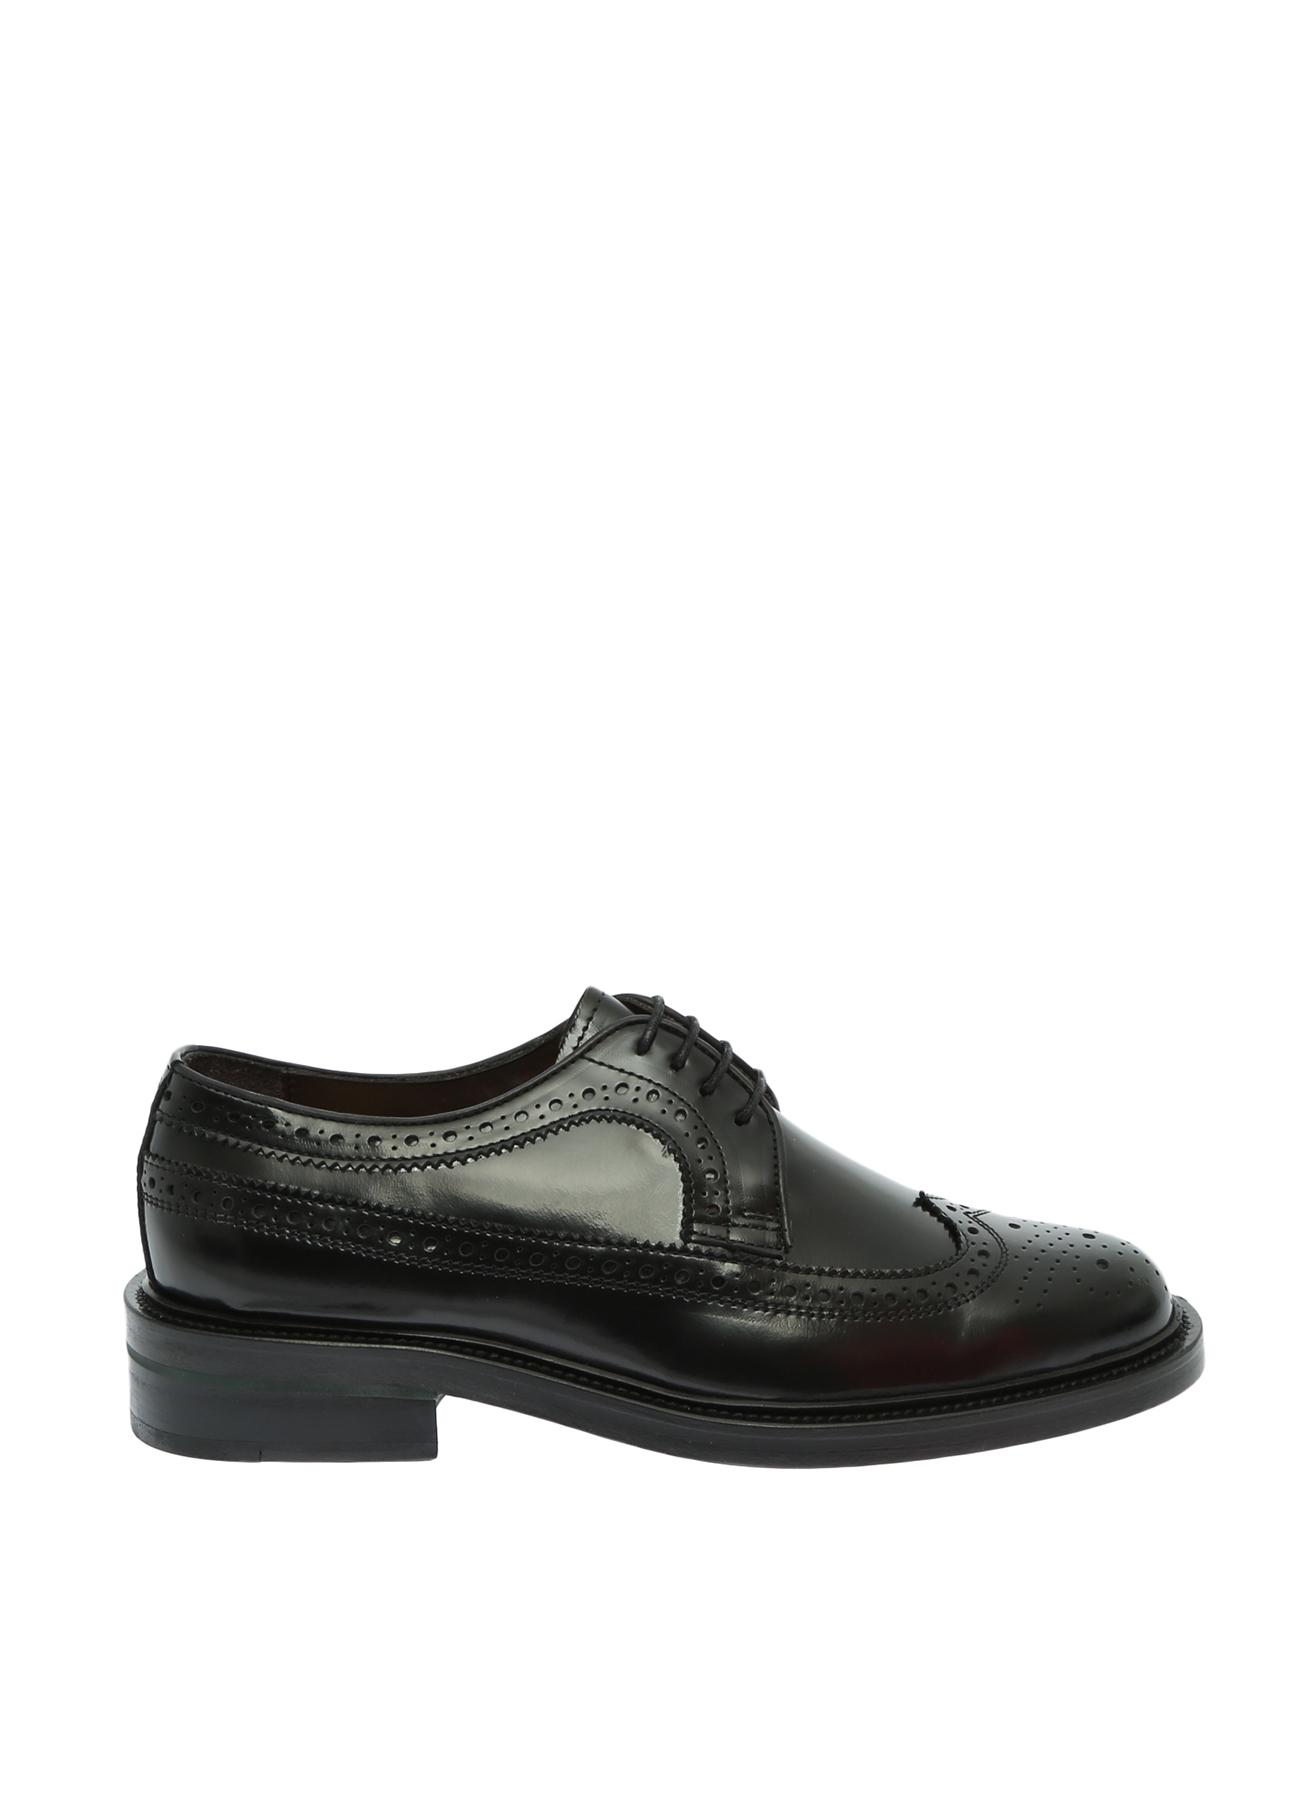 George Hogg Klasik Ayakkabı 40 5000163368001 Ürün Resmi